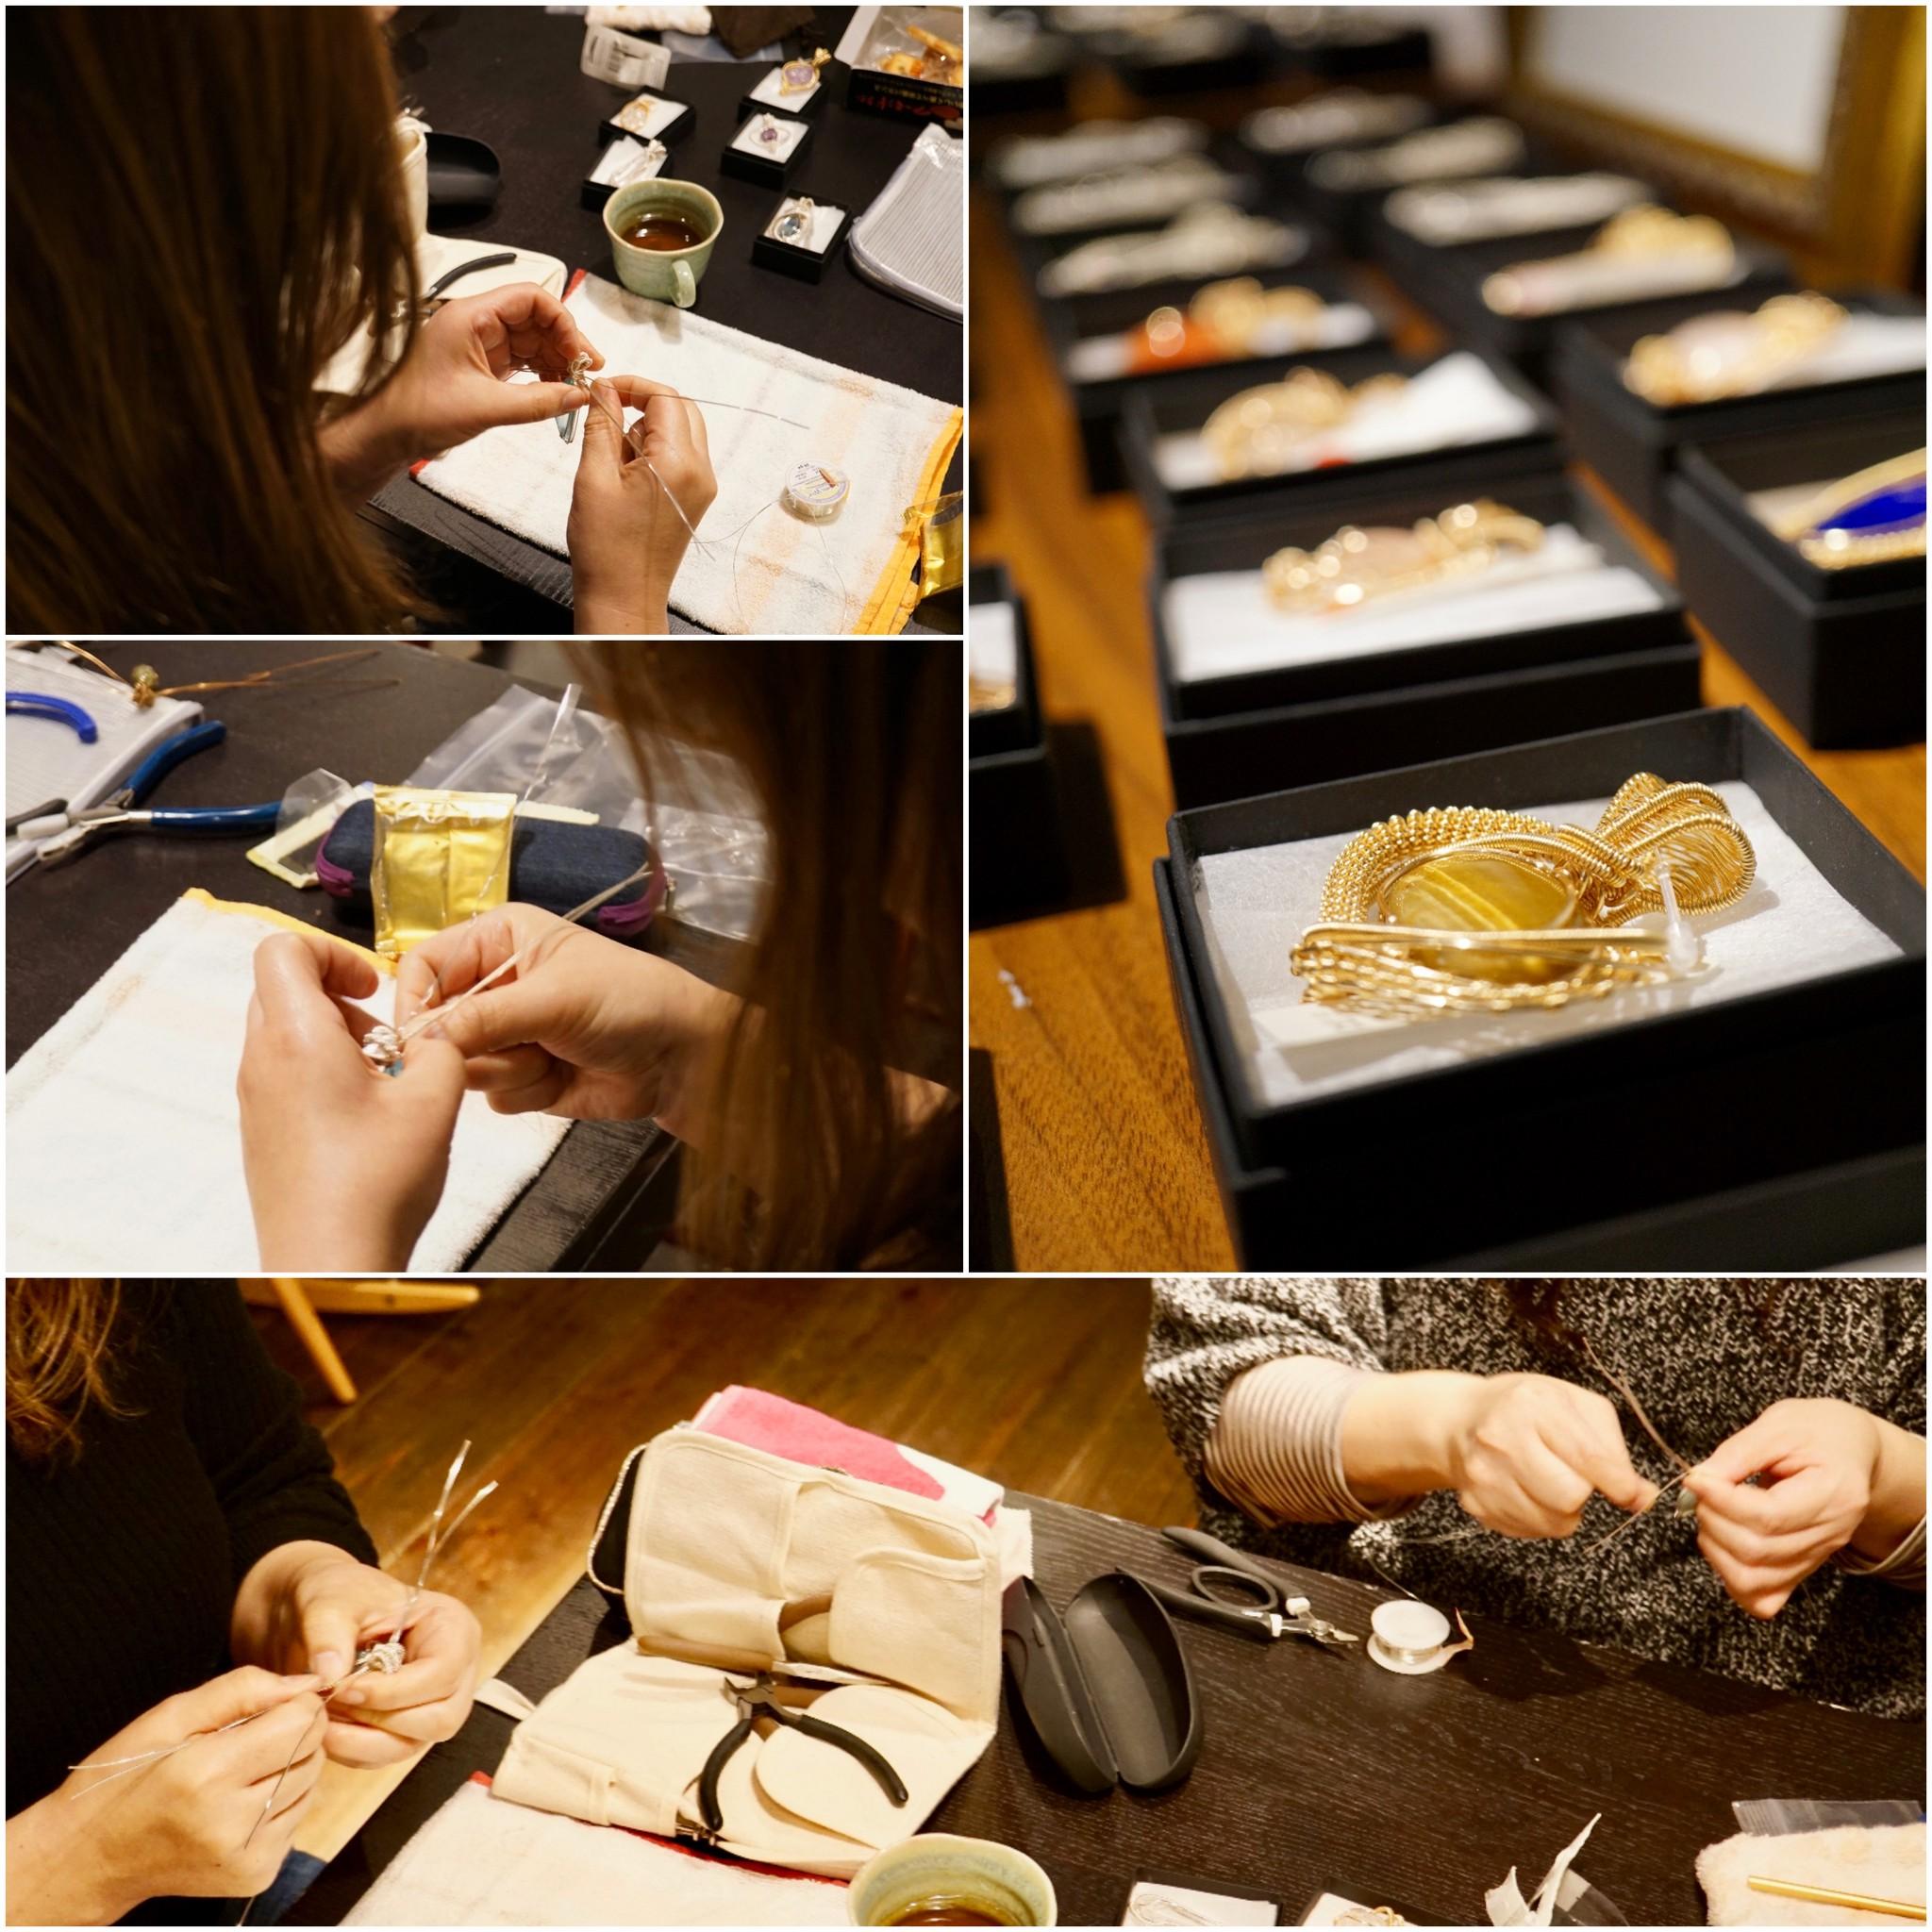 12/15、16ワイヤーペンダントトップ作りWS & 販売会@大阪 ありがとうございました